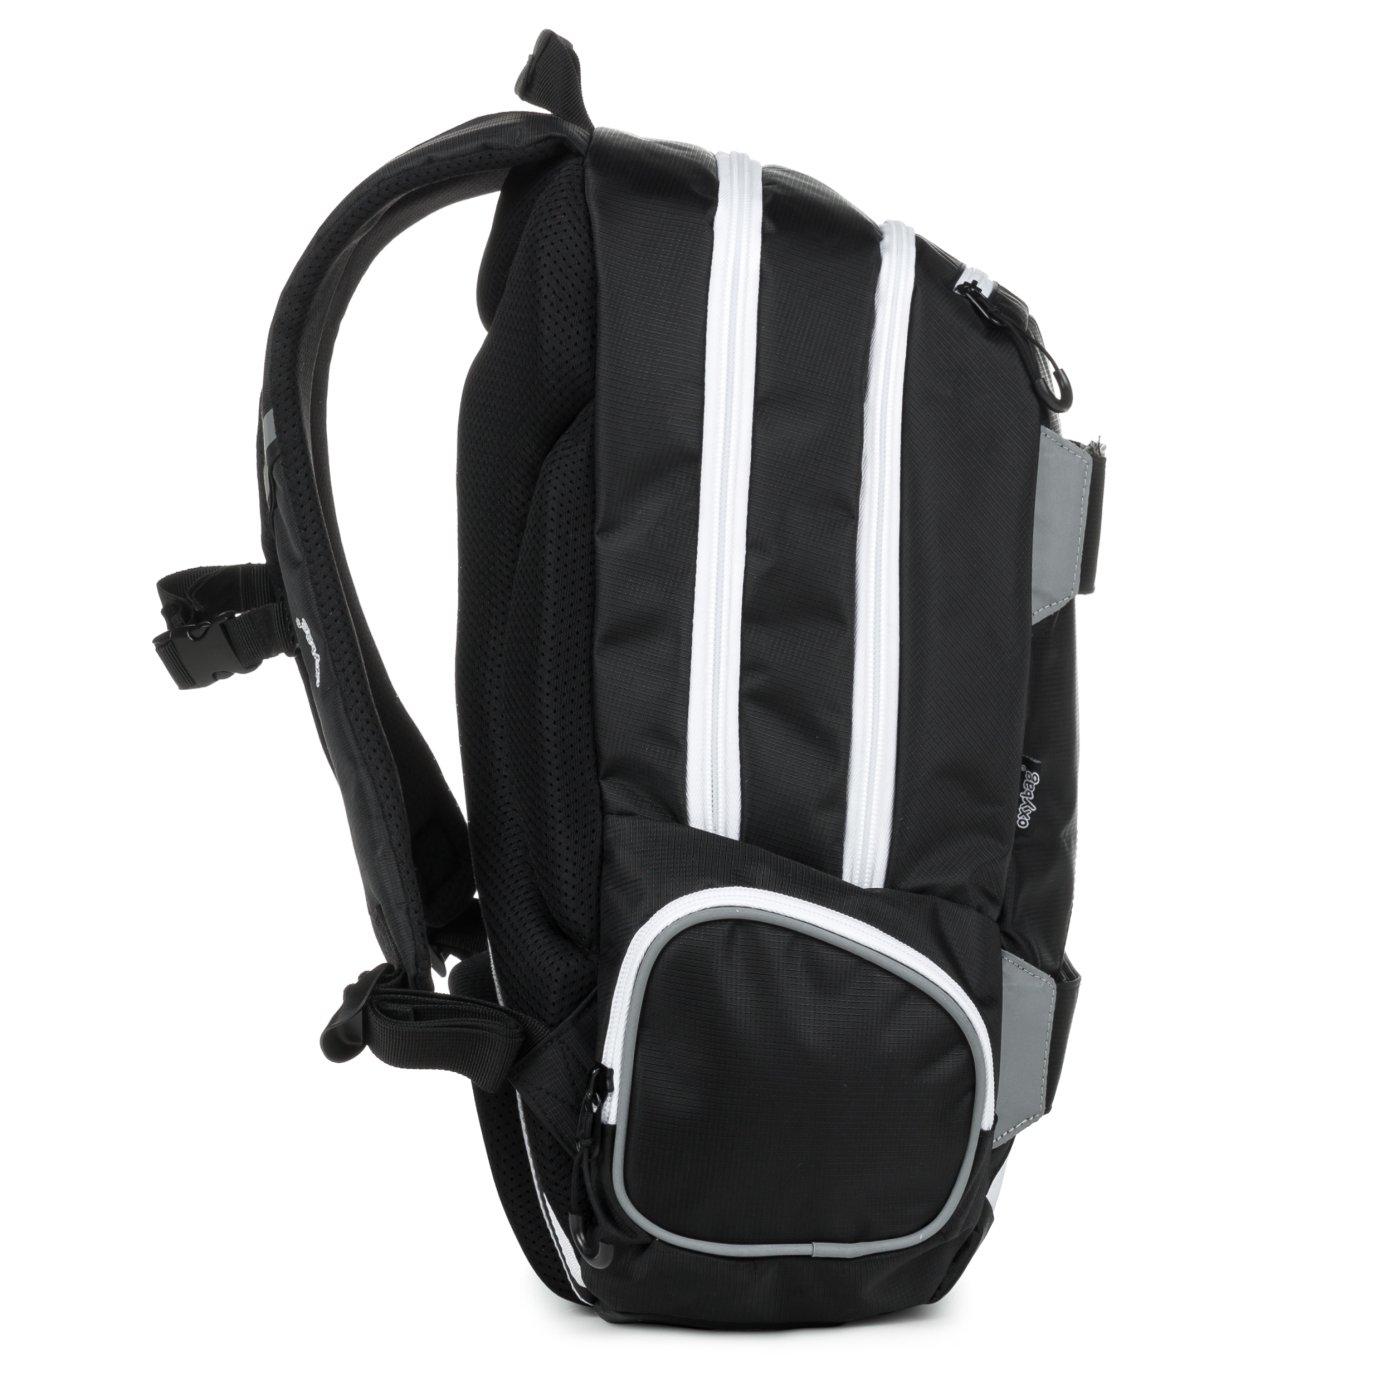 Student backpack OXY Sport I. Black   White - Školní potřeby » OXY ... fb7d90ab1f